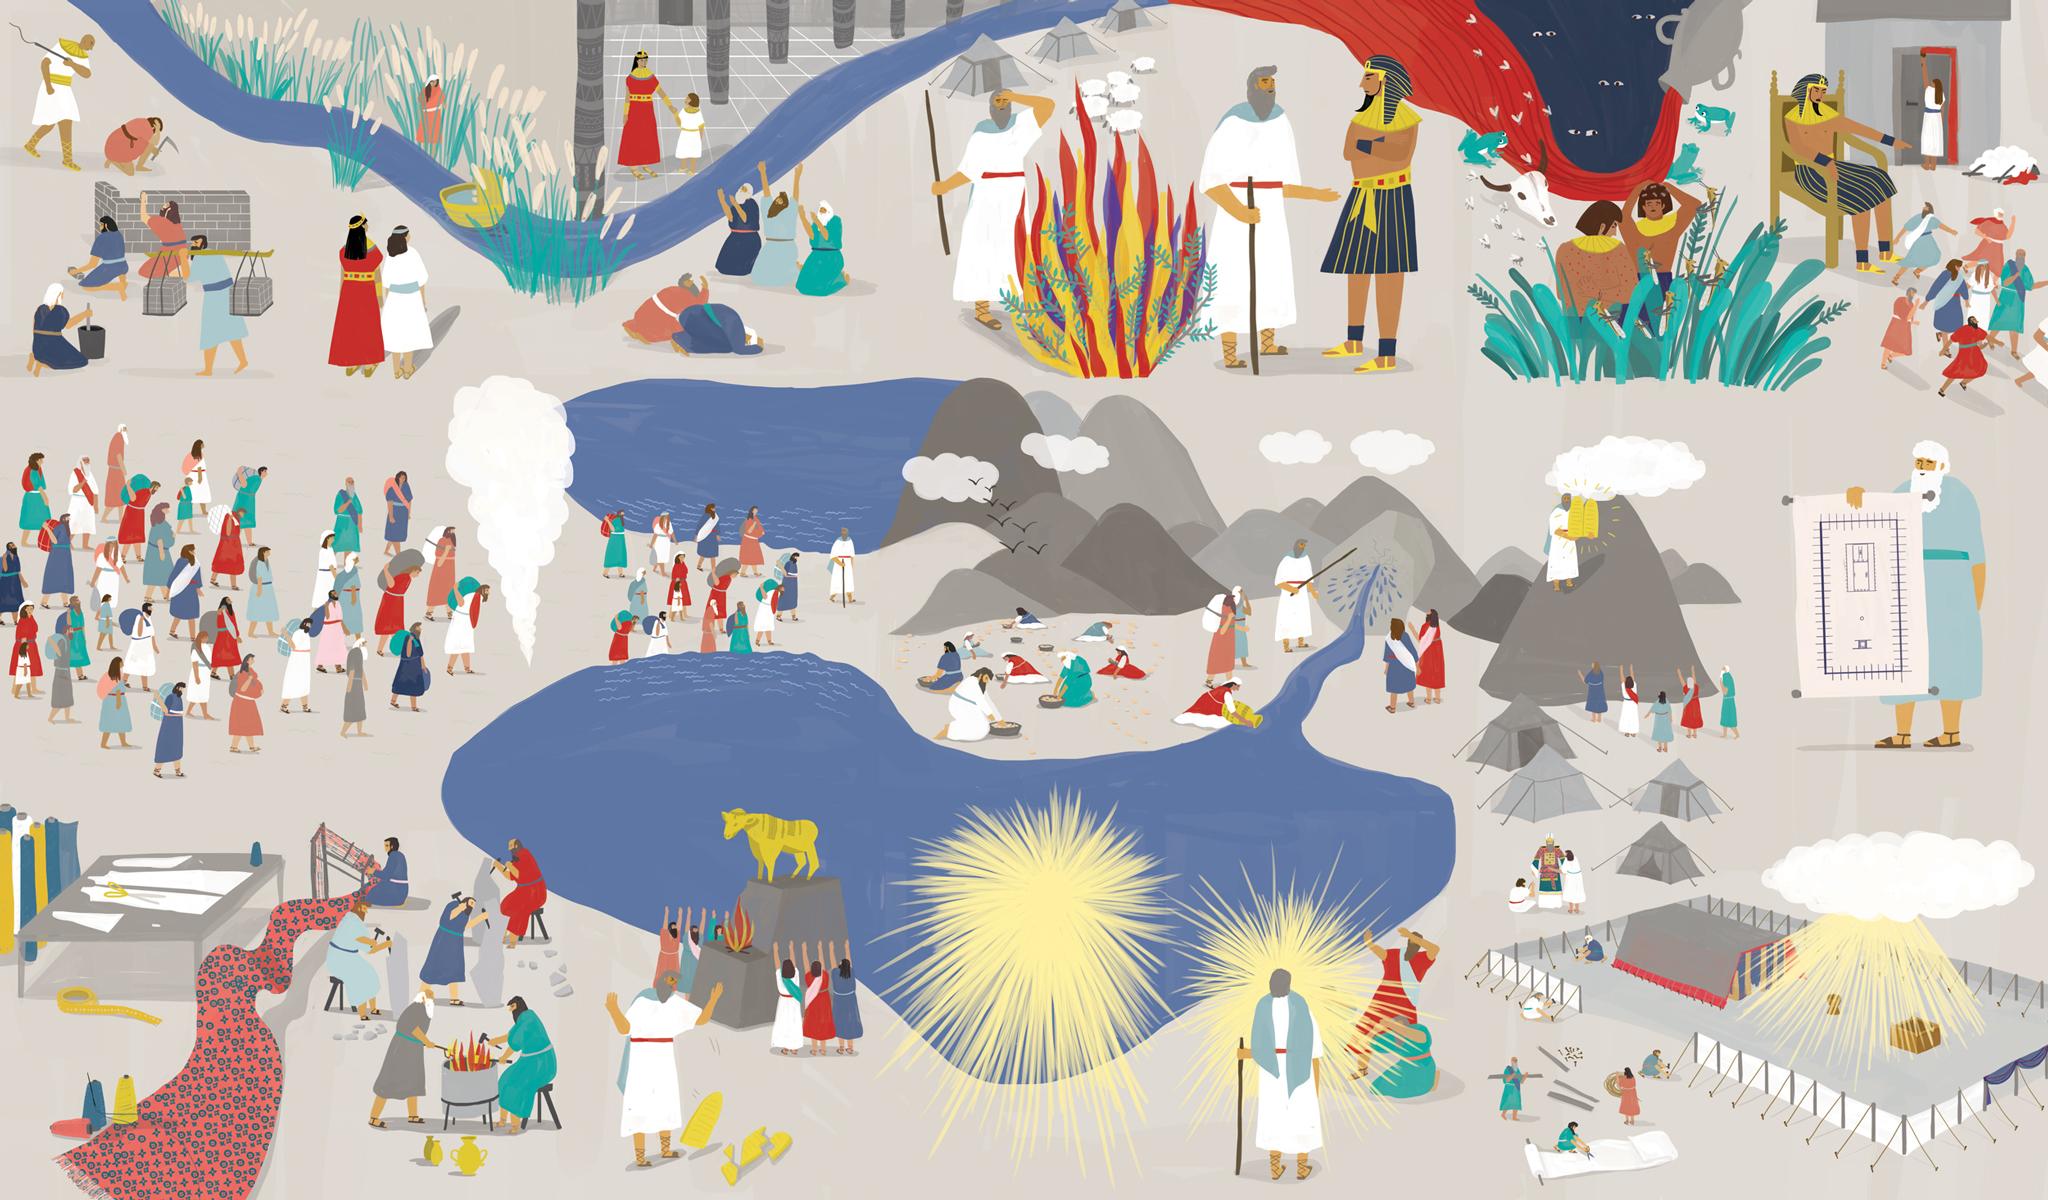 Richard Solomon - Maya-Ish-Shalom-076-KidsReadTruth_ExodusCards_Illustration_MIS